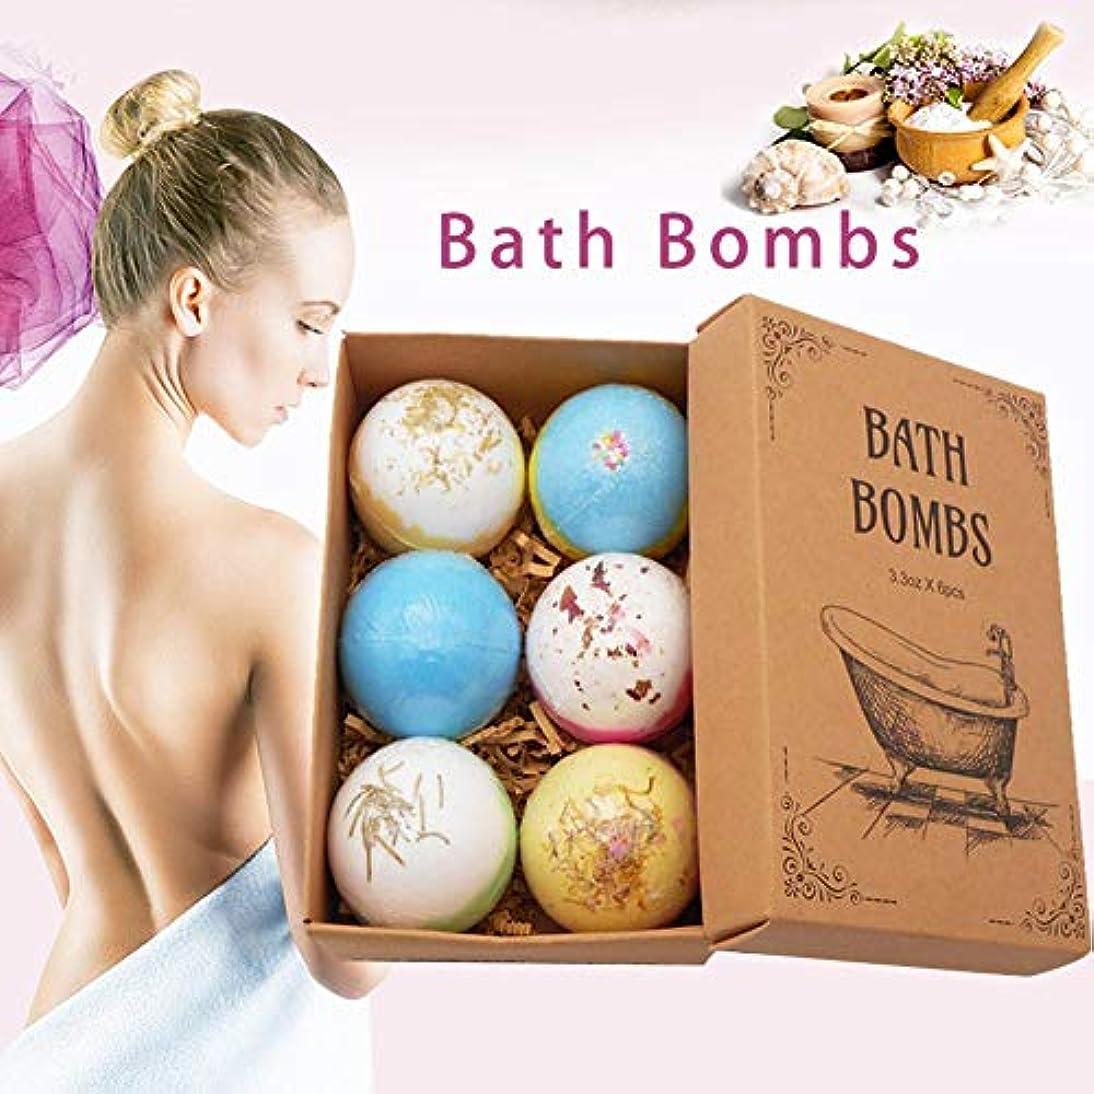 胆嚢示すディプロマAIMERKUP 6PCSバスボム 自然な手作りの海塩ラベンダー風呂爆弾 母のガールフレンドのためのスパ発泡爆弾ギフト fun